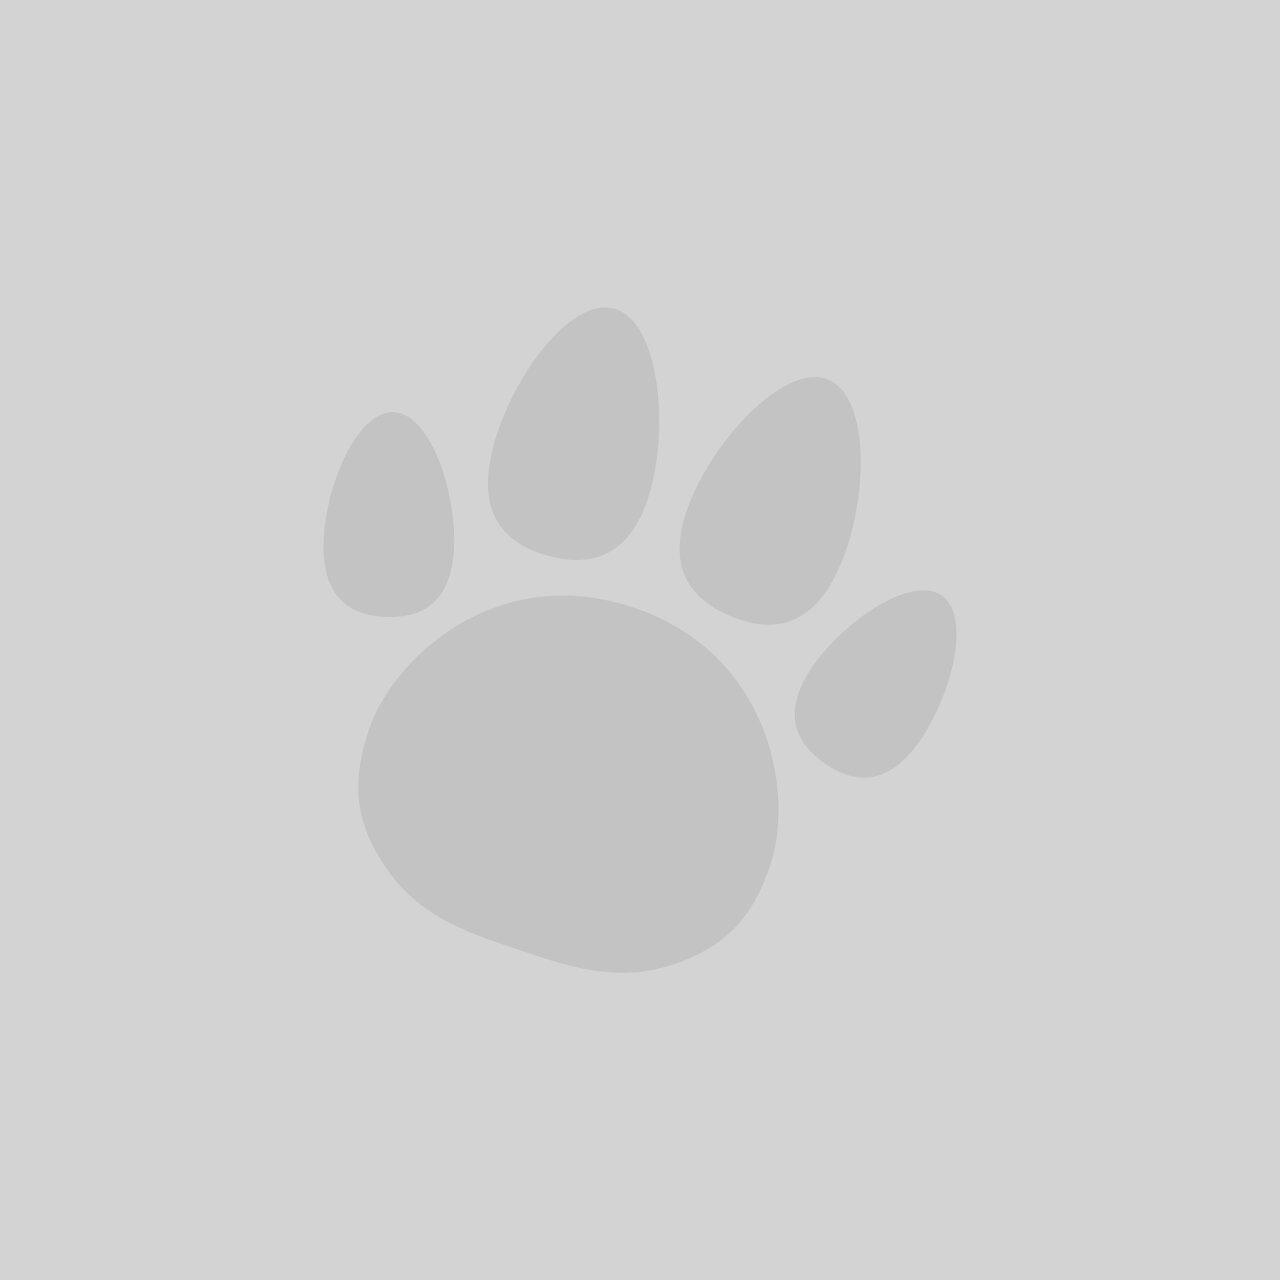 Pedigree Dentastix for Large Dogs 56 pack